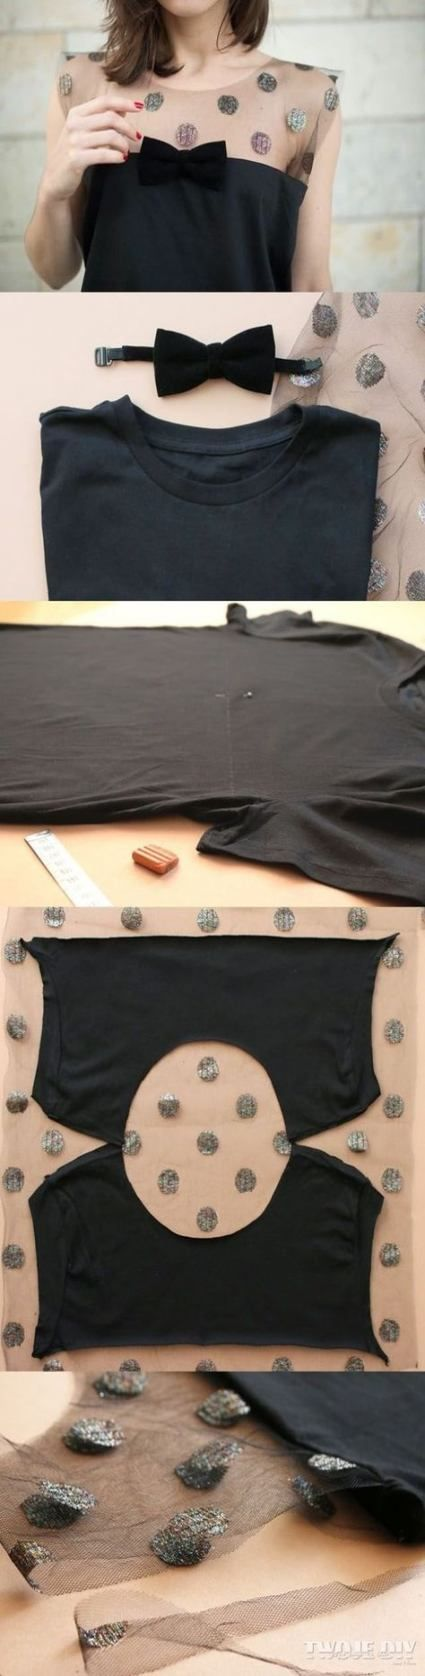 Переделка одежды своими руками из футболки в платье